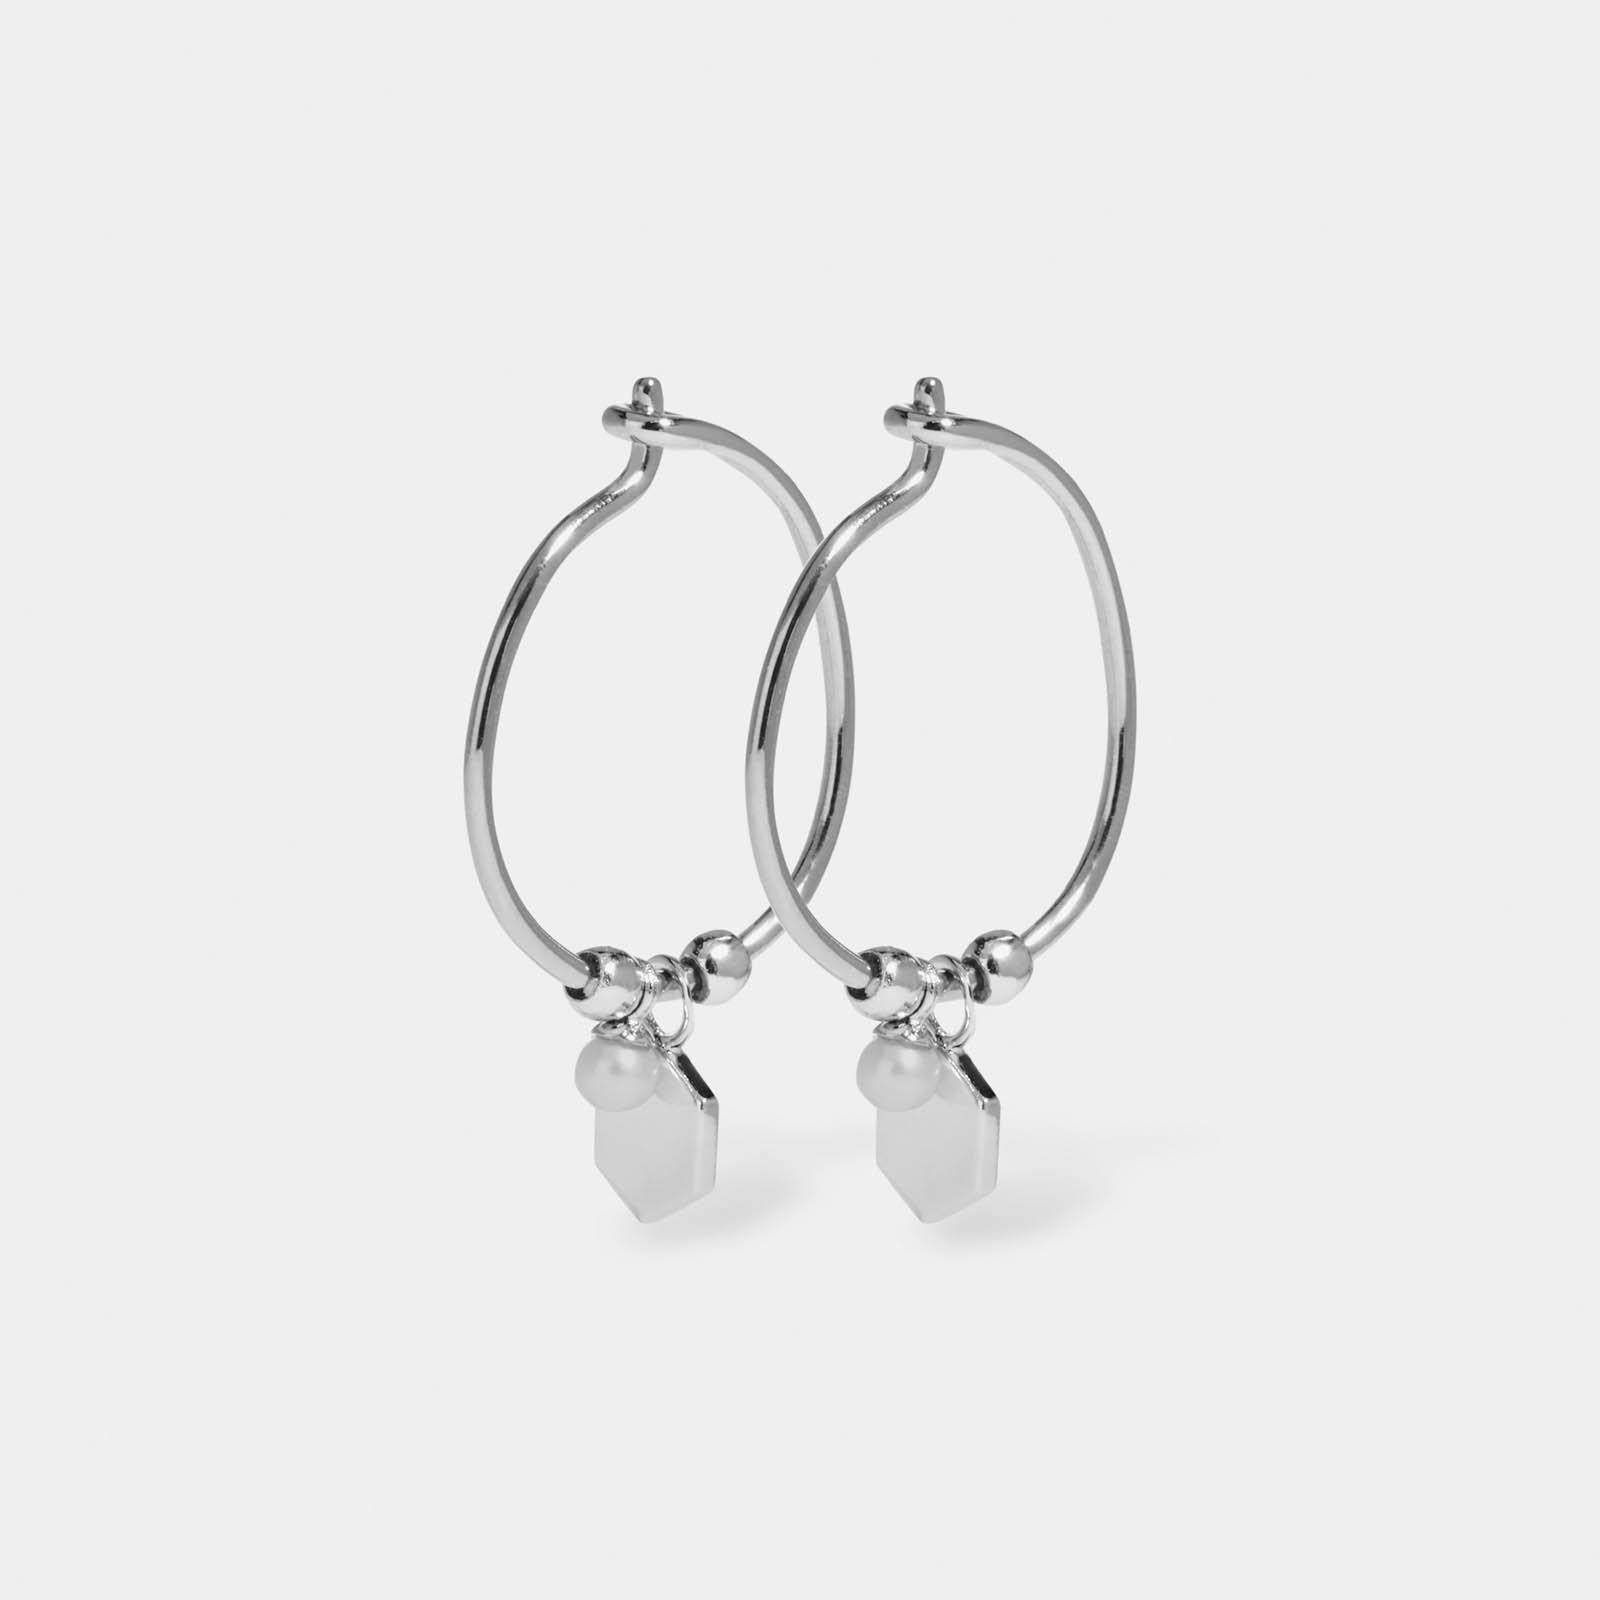 essentielle_hexagon_and_pearl_charm_hoop_earrings_CLJ52002_full.jpg